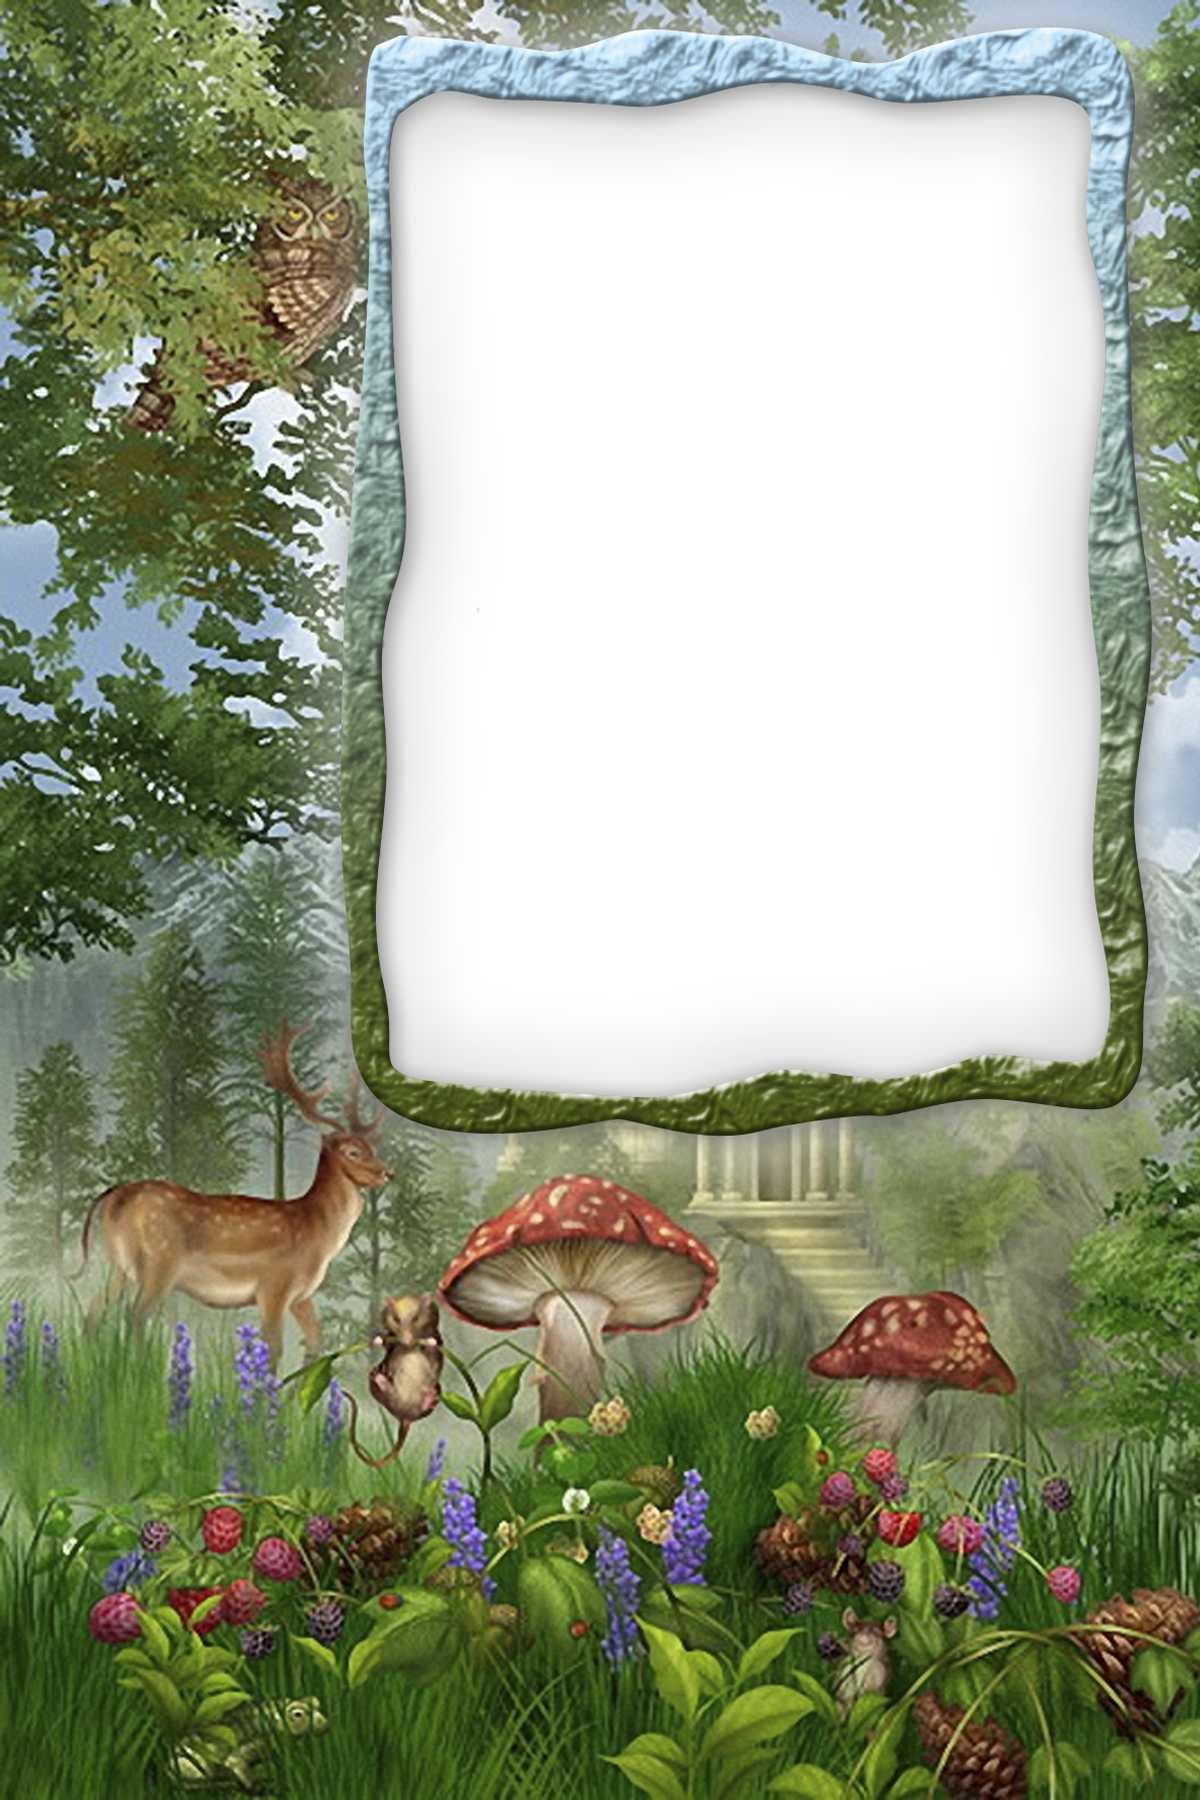 Болгария надписью, фон леса для поздравления